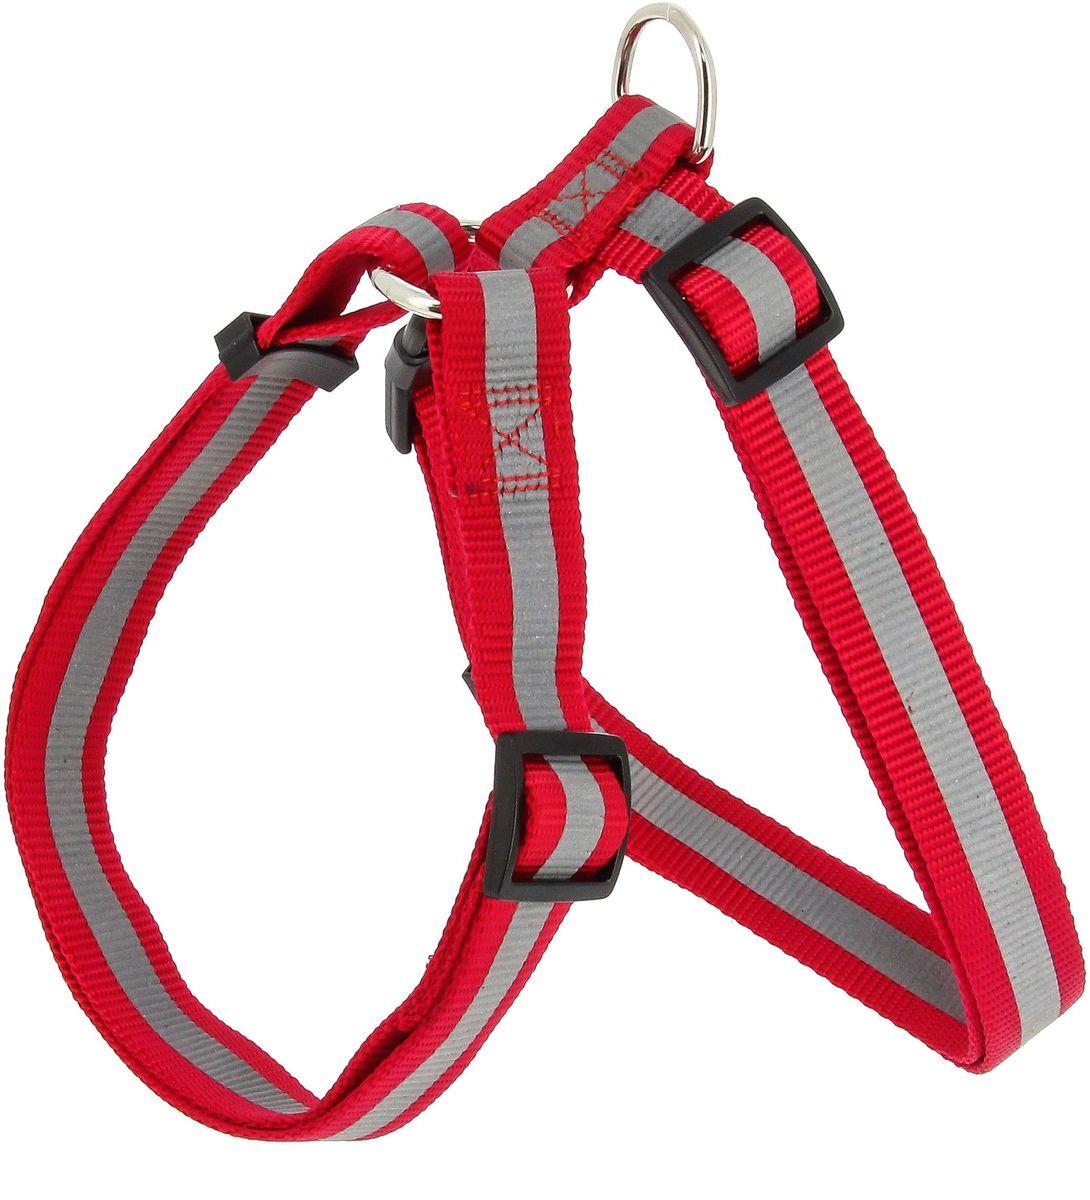 Шлейка для собак Каскад, со светоотражателем, цвет: красный, ширина 10 мм, длина 20-30 см01210013-02